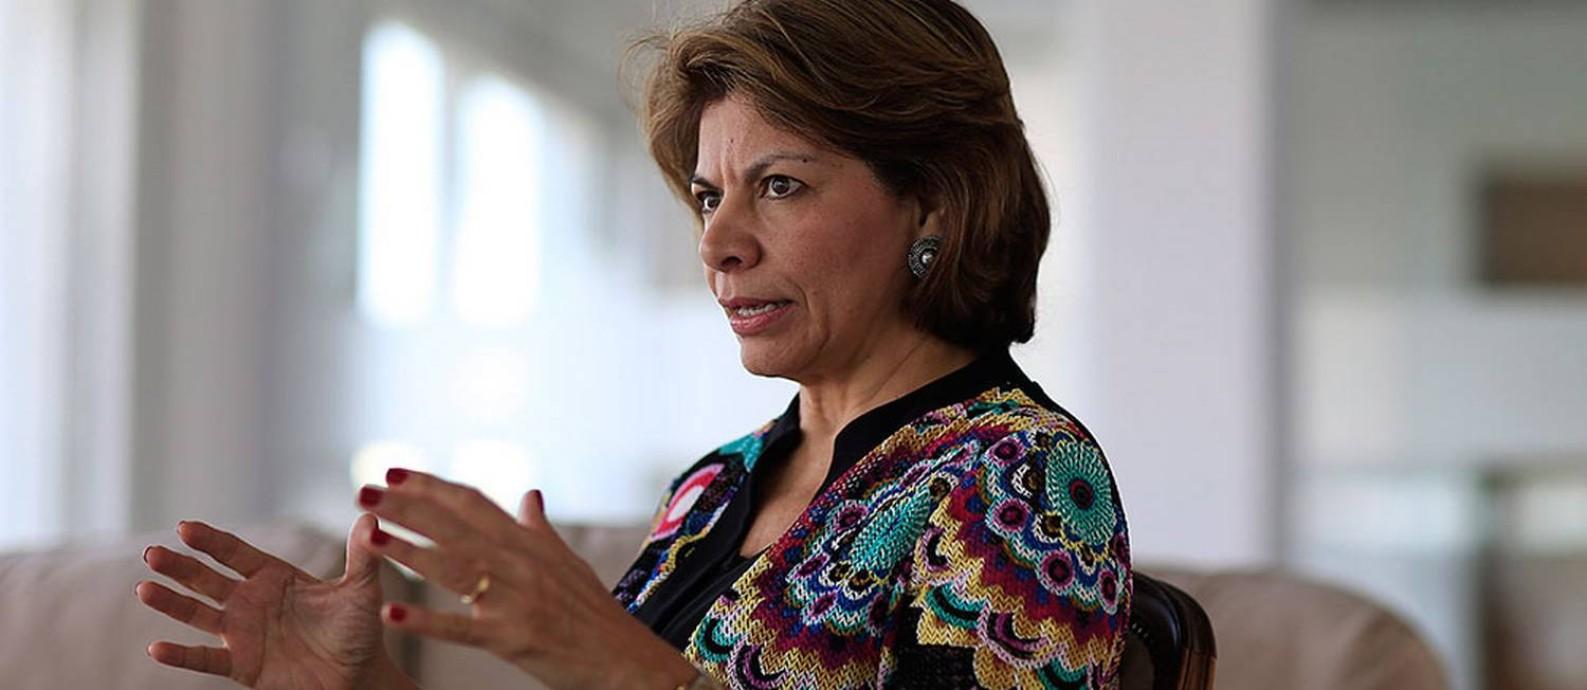 Laura Chinchilla, cientista política e ex-presidente da Costa Rica, em São Paulo Foto: Edilson Dantas / Agência O Globo